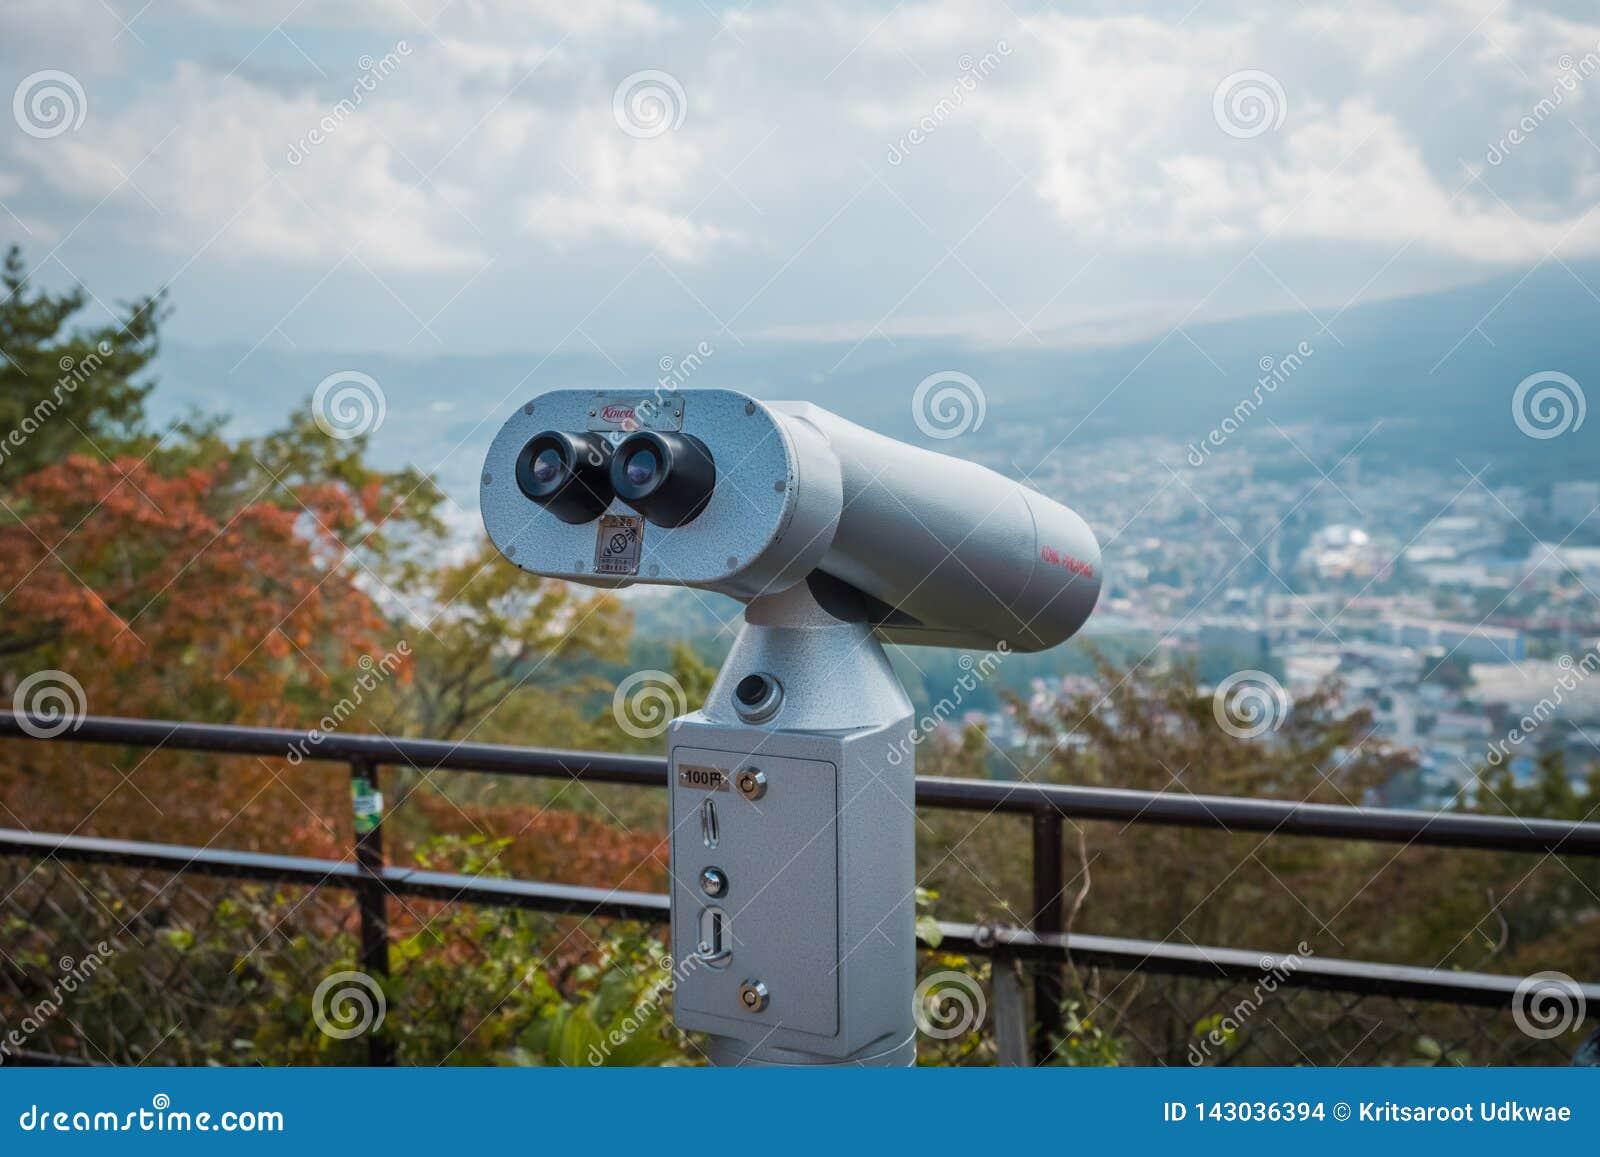 Ένα τηλεσκόπιο Ropeway Kachi Kachi στο σημείο άποψης, Ιαπωνία